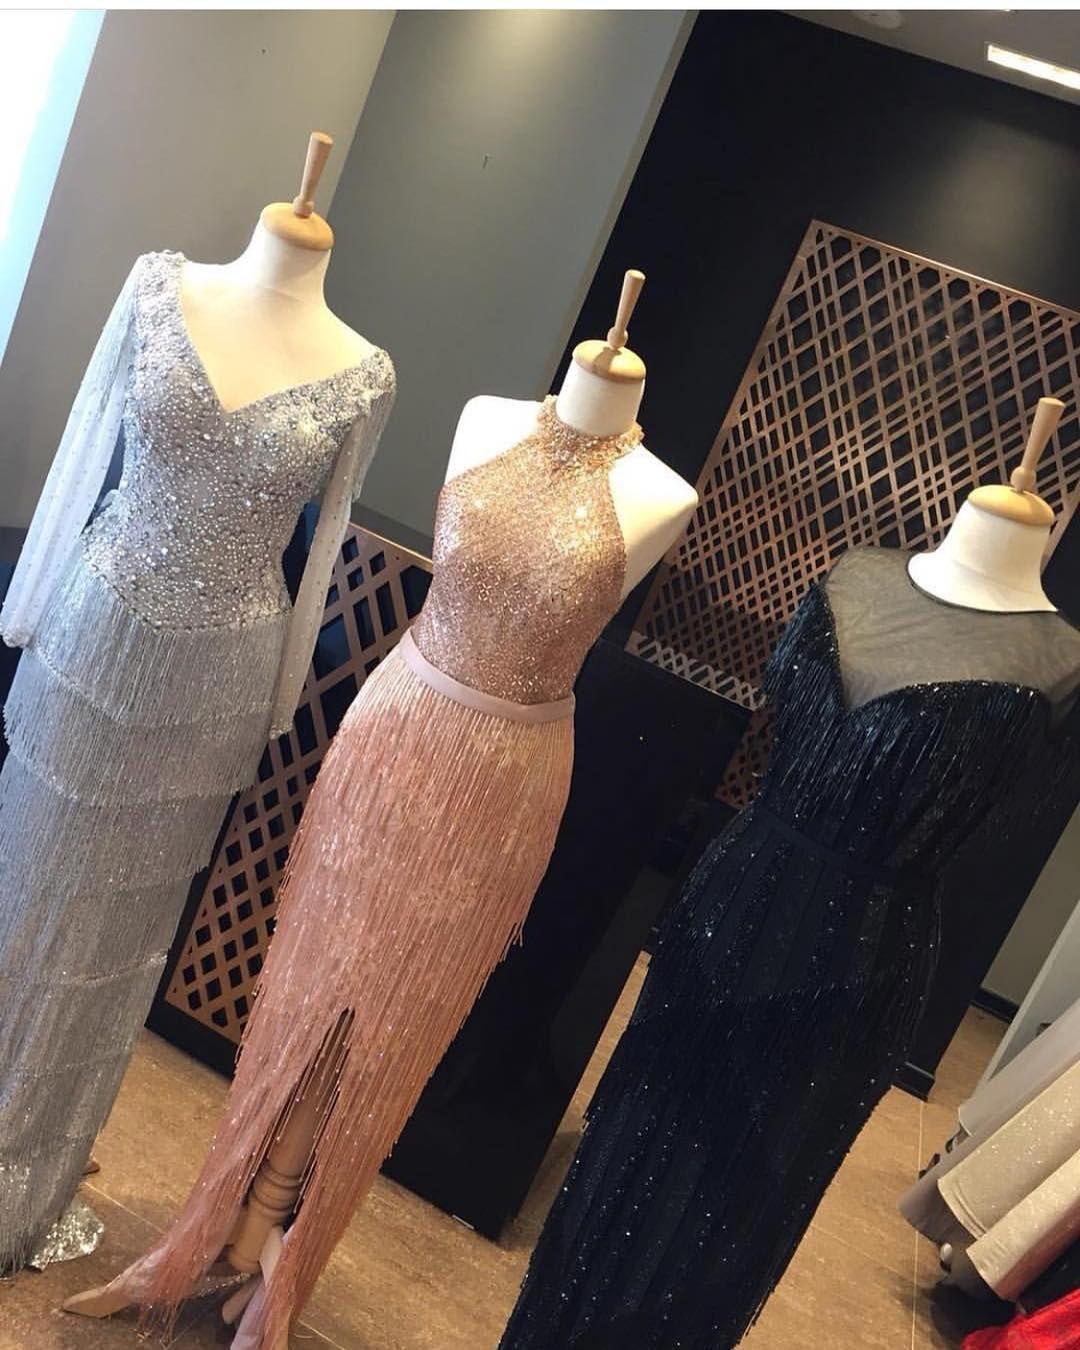 جديد بوتيك طرابلس ارقى موديلات شغل التطريز اليدوي حاليا اكثر من 30موديل في في بن عاشور الرئيسي بعد محل فرحات متاع الشكولات Formal Dresses Long Dresses Fashion